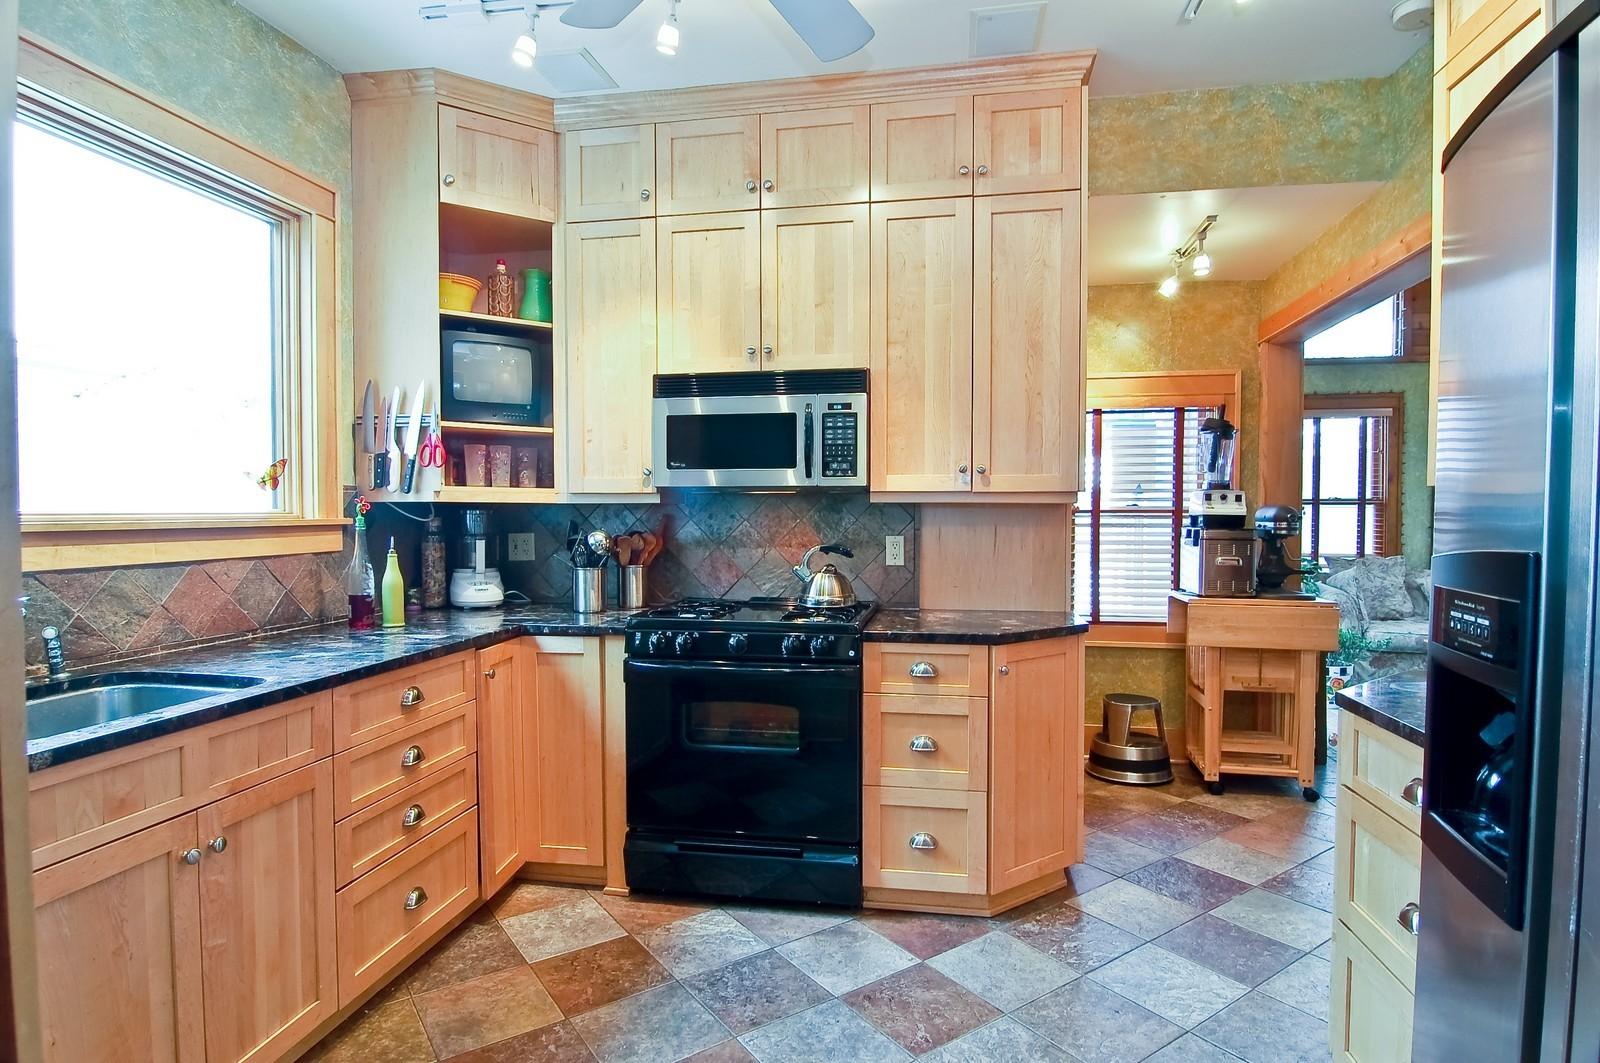 Real Estate Photography - 5012 Upton Avenue South, Minneapolis, MN, 55410 - Kitchen